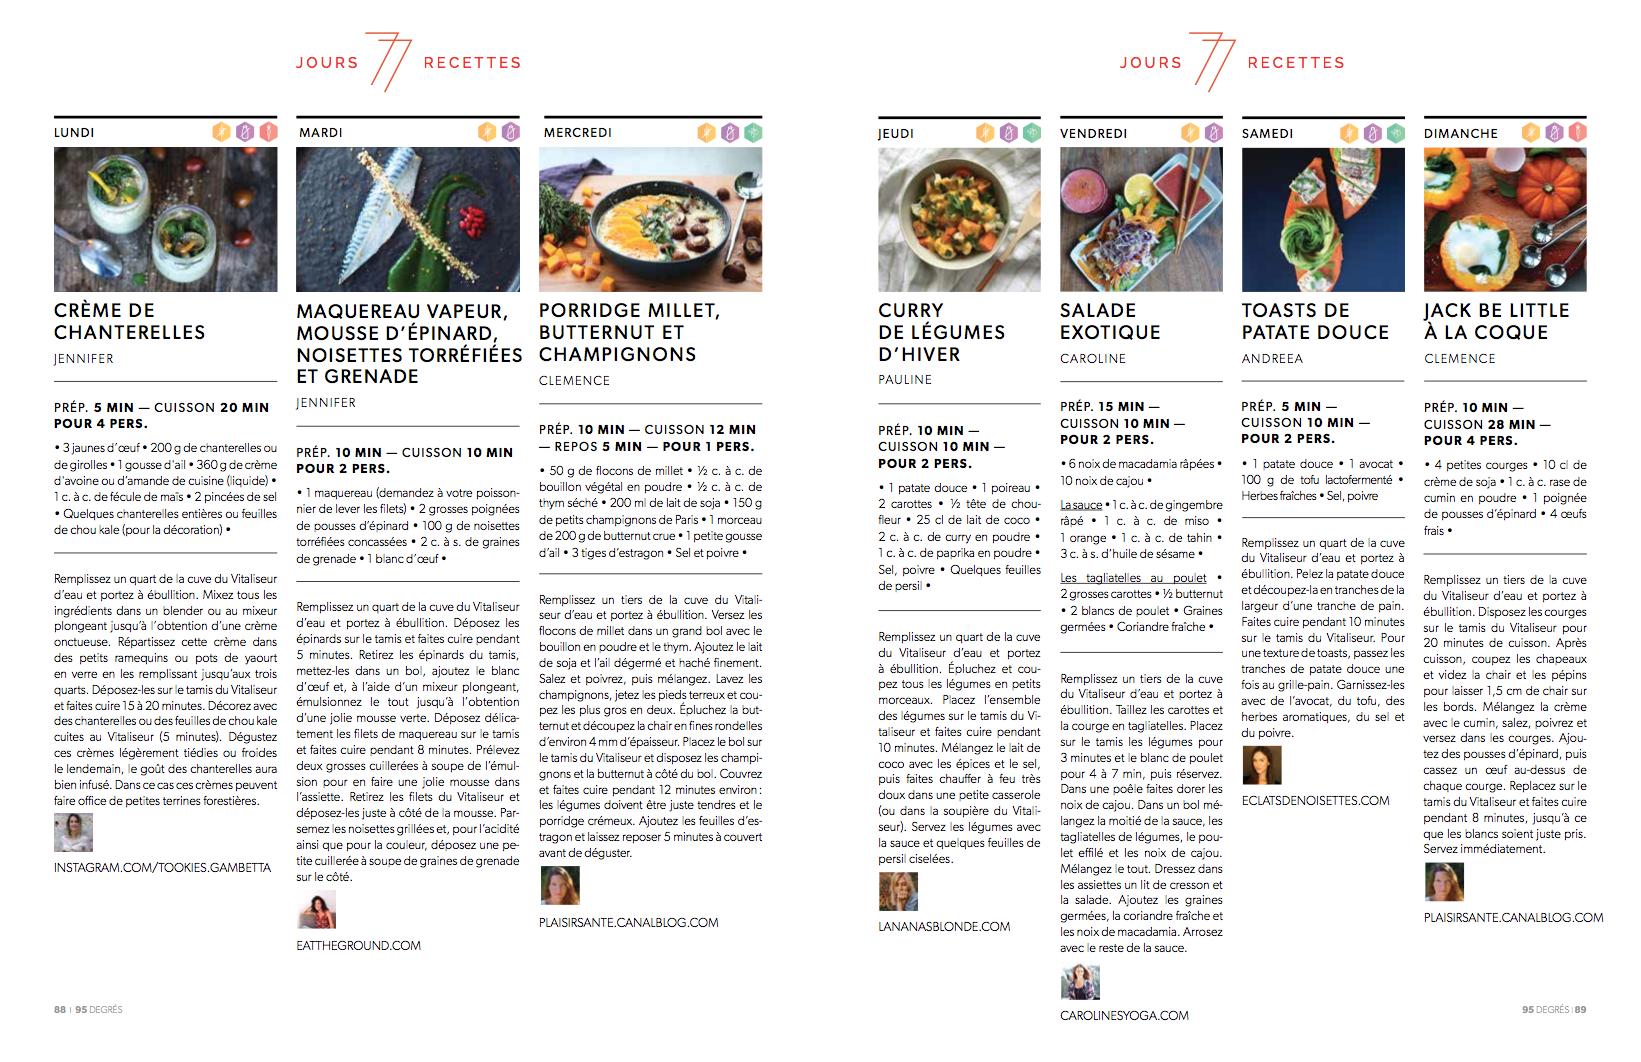 Magazine 95°, Décembre 2017 - 7 jours 7 recettes à la vapeur douce